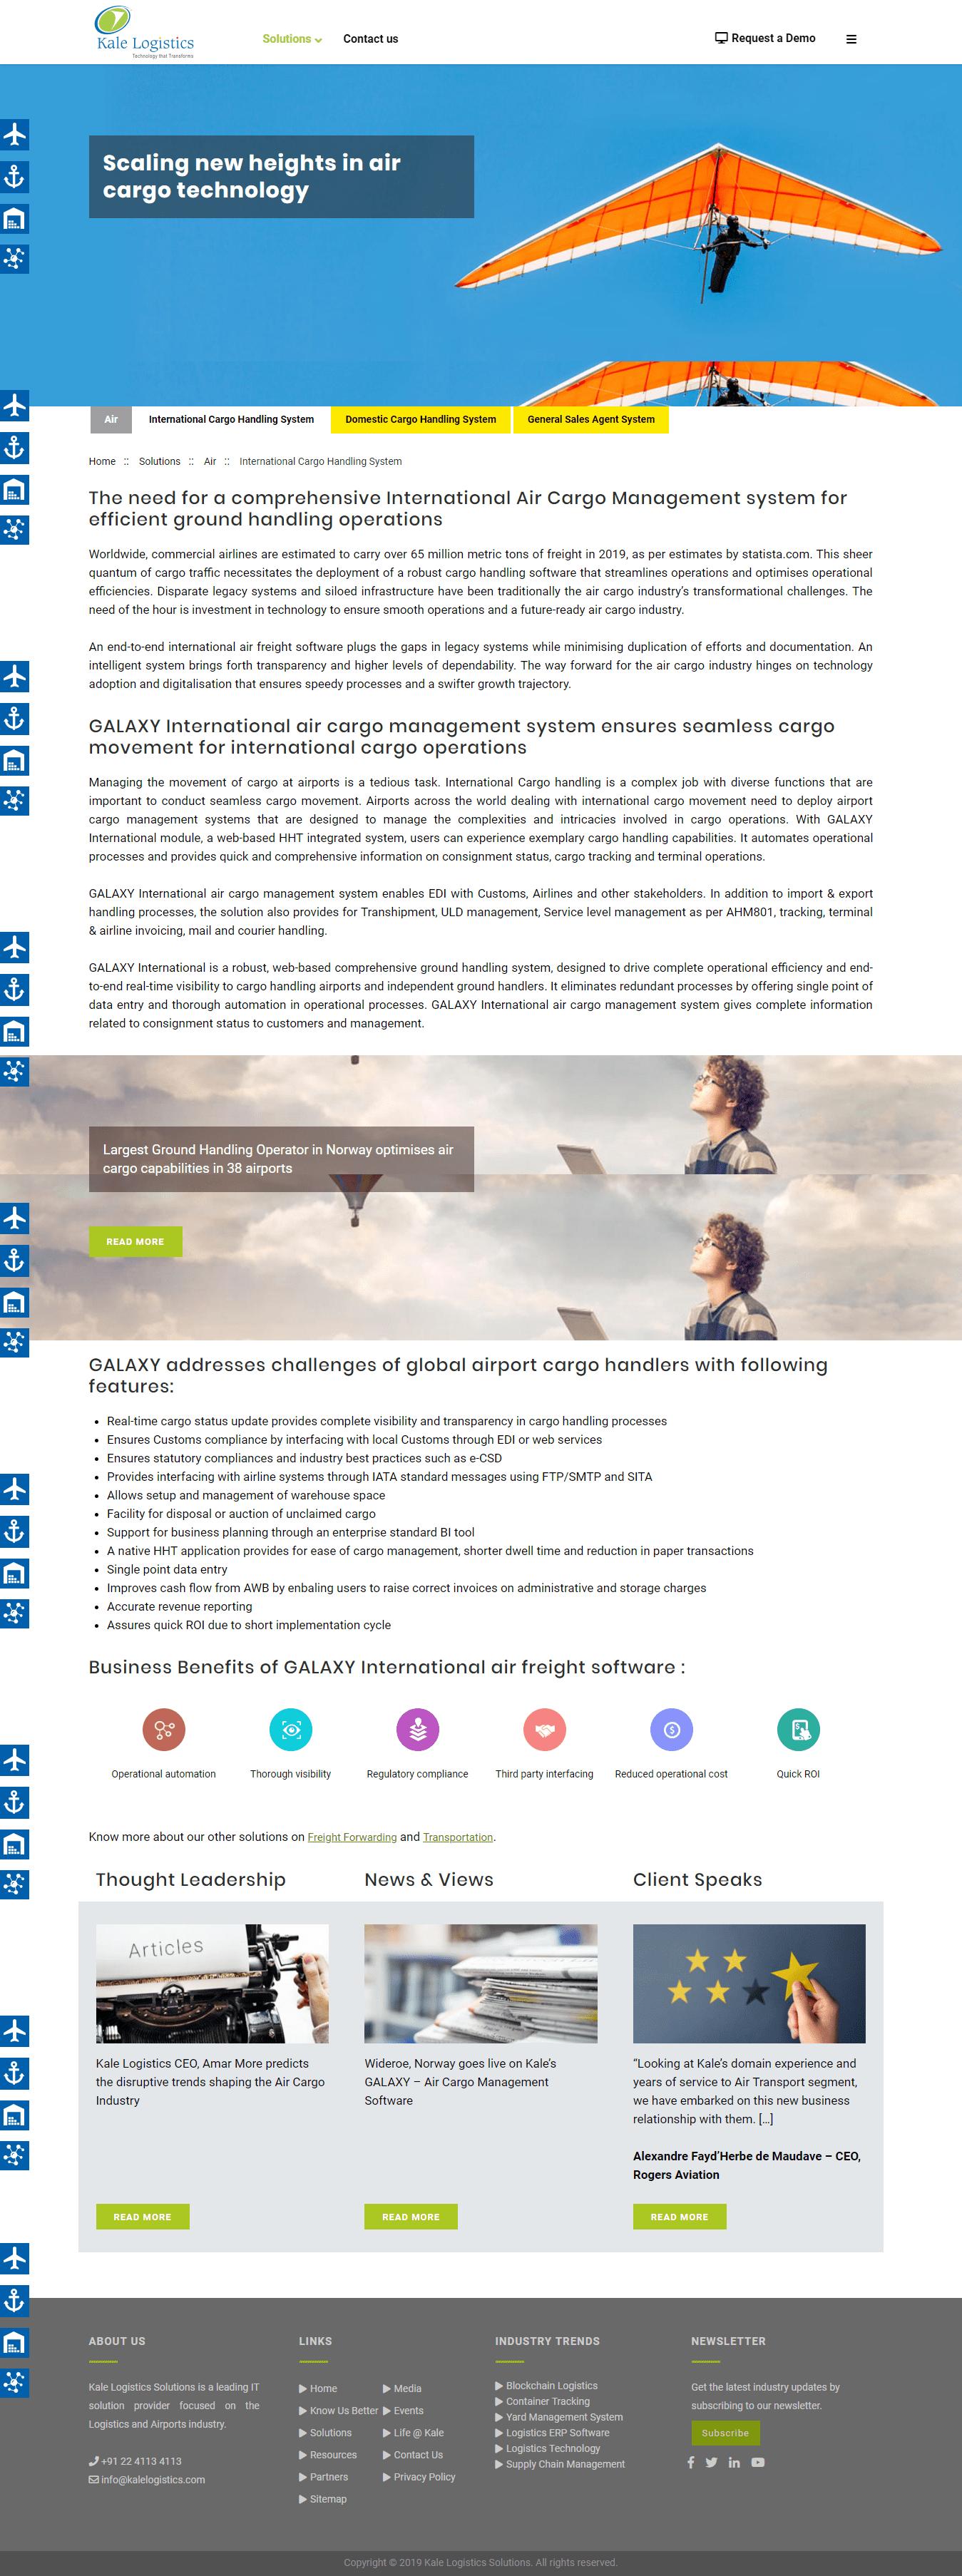 Kale Logistics - Infiyug Technologies